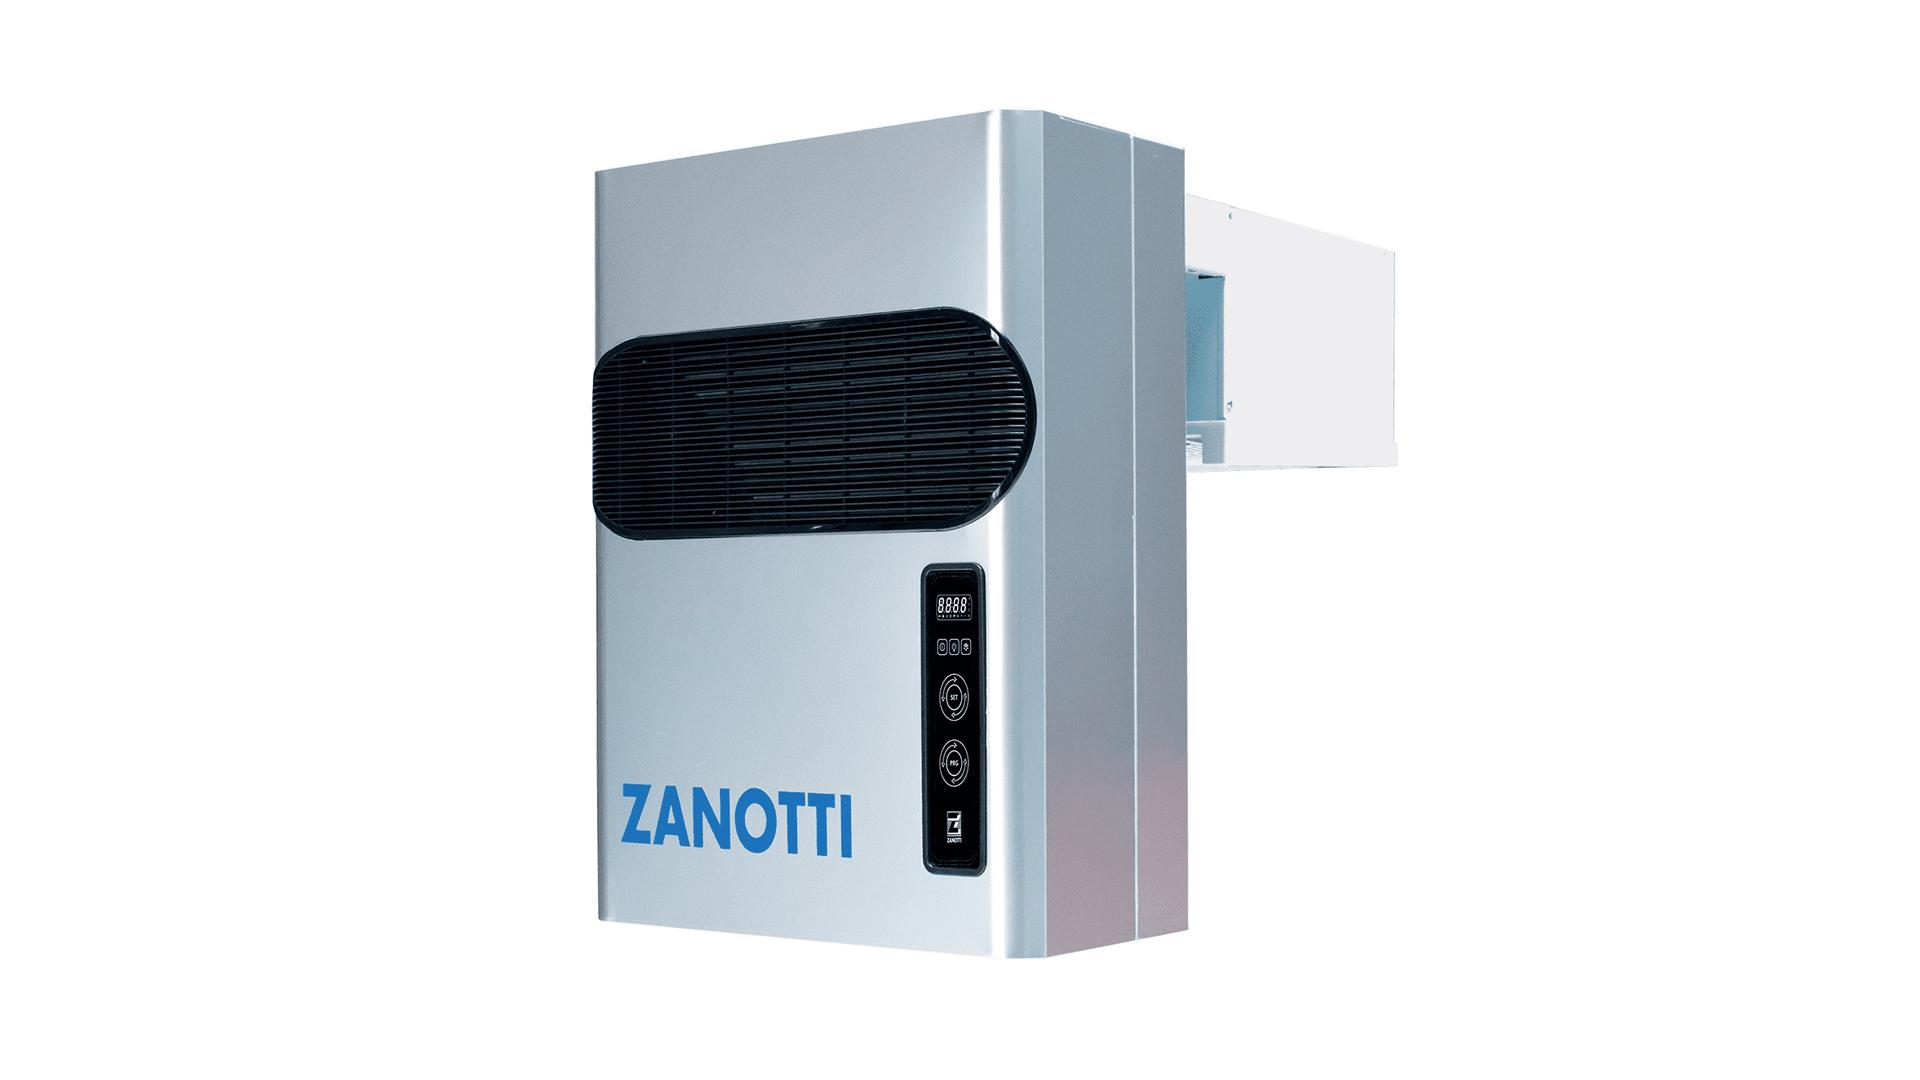 Gruppi monoblocco per impianti frigoriferi, modello Zanotti GM2